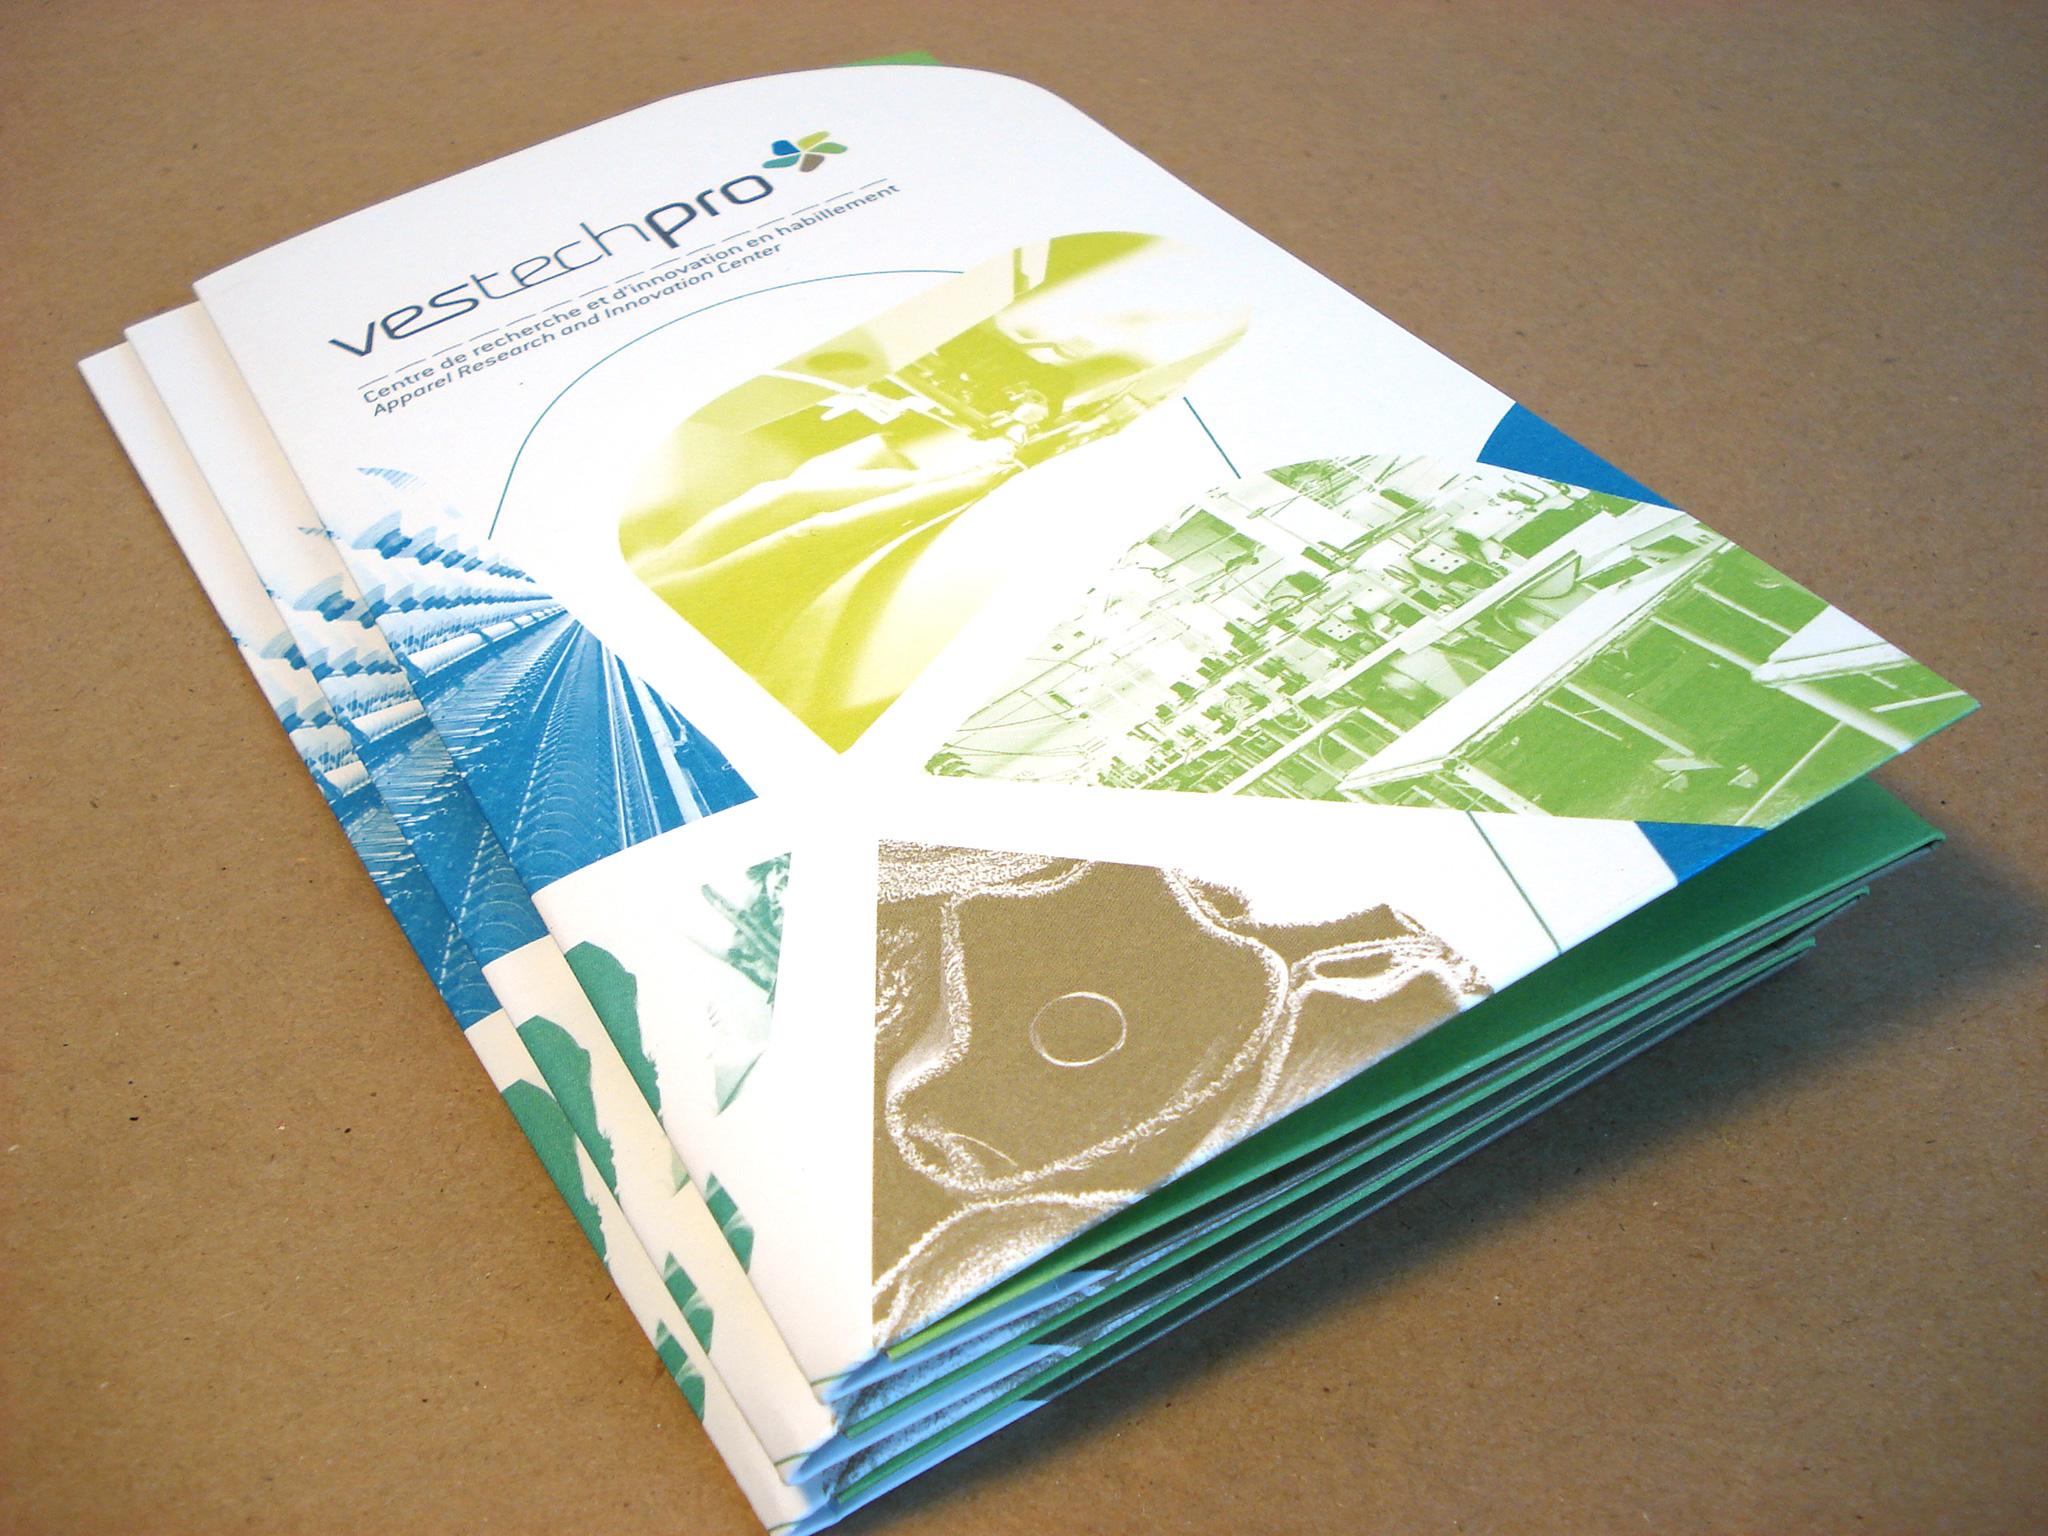 Dépliant-pochette de Vestechpro.